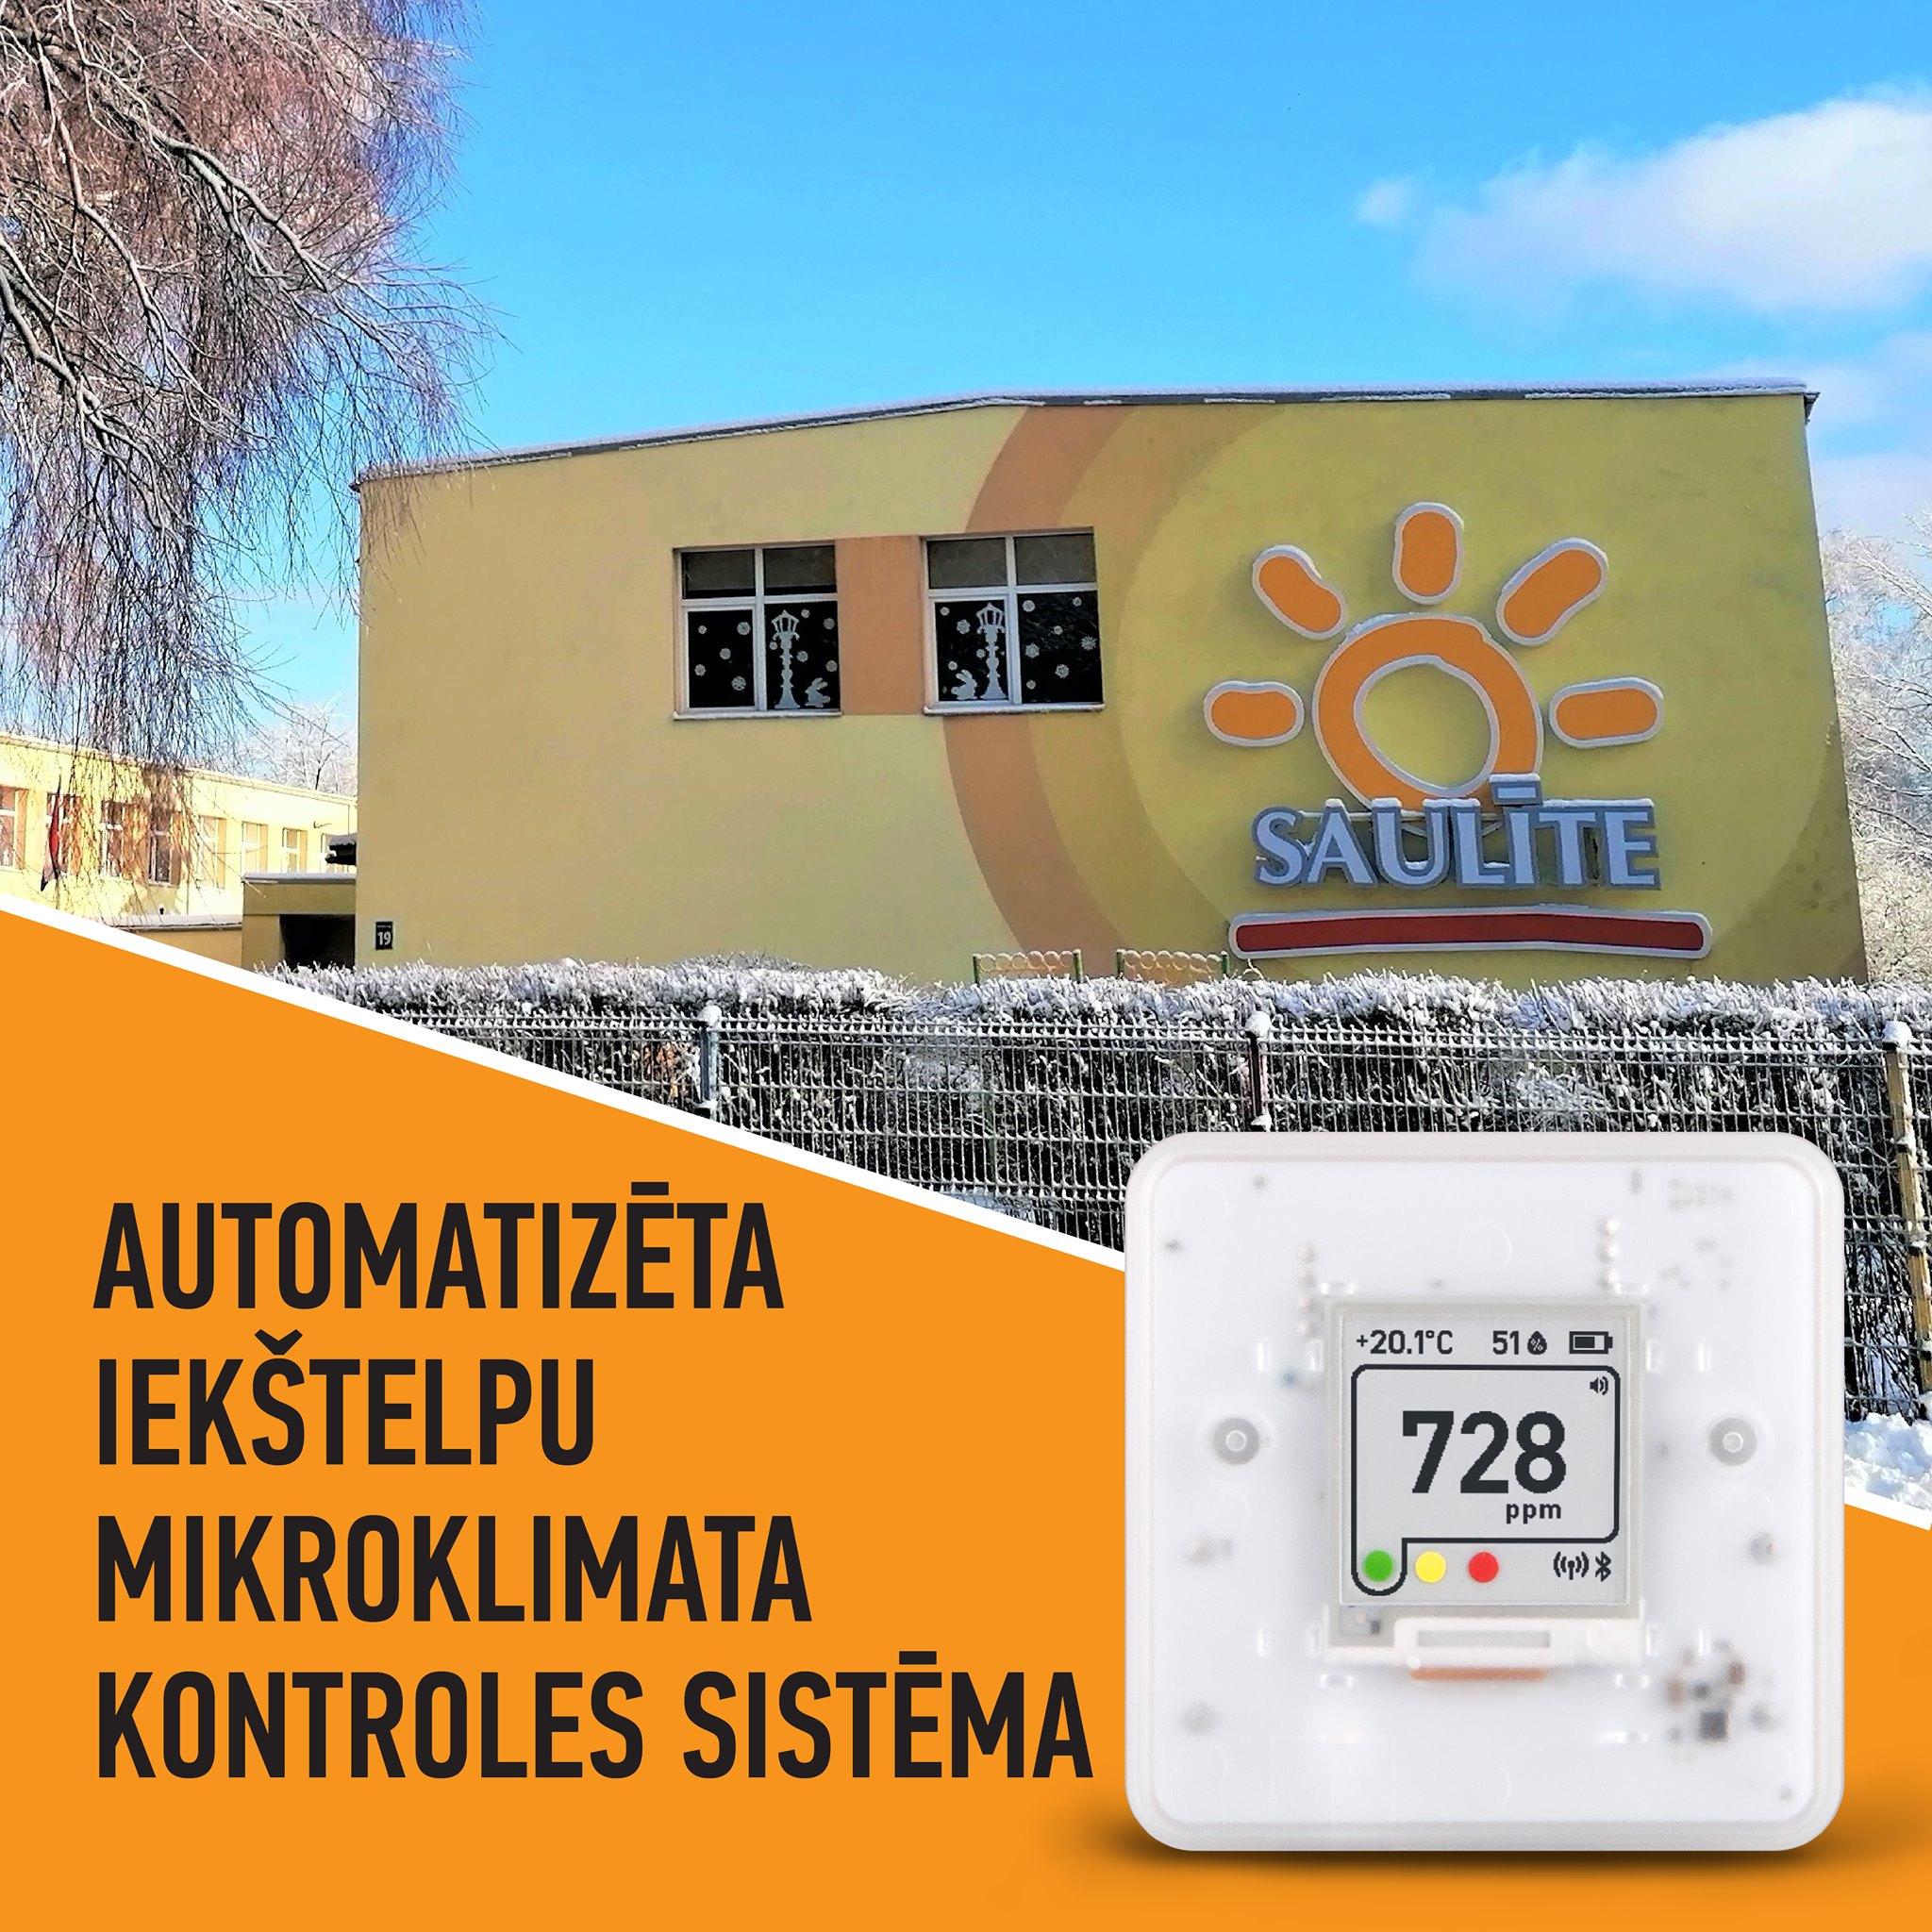 Iekštelpu mikroklimatu kontrolēs automatizēti